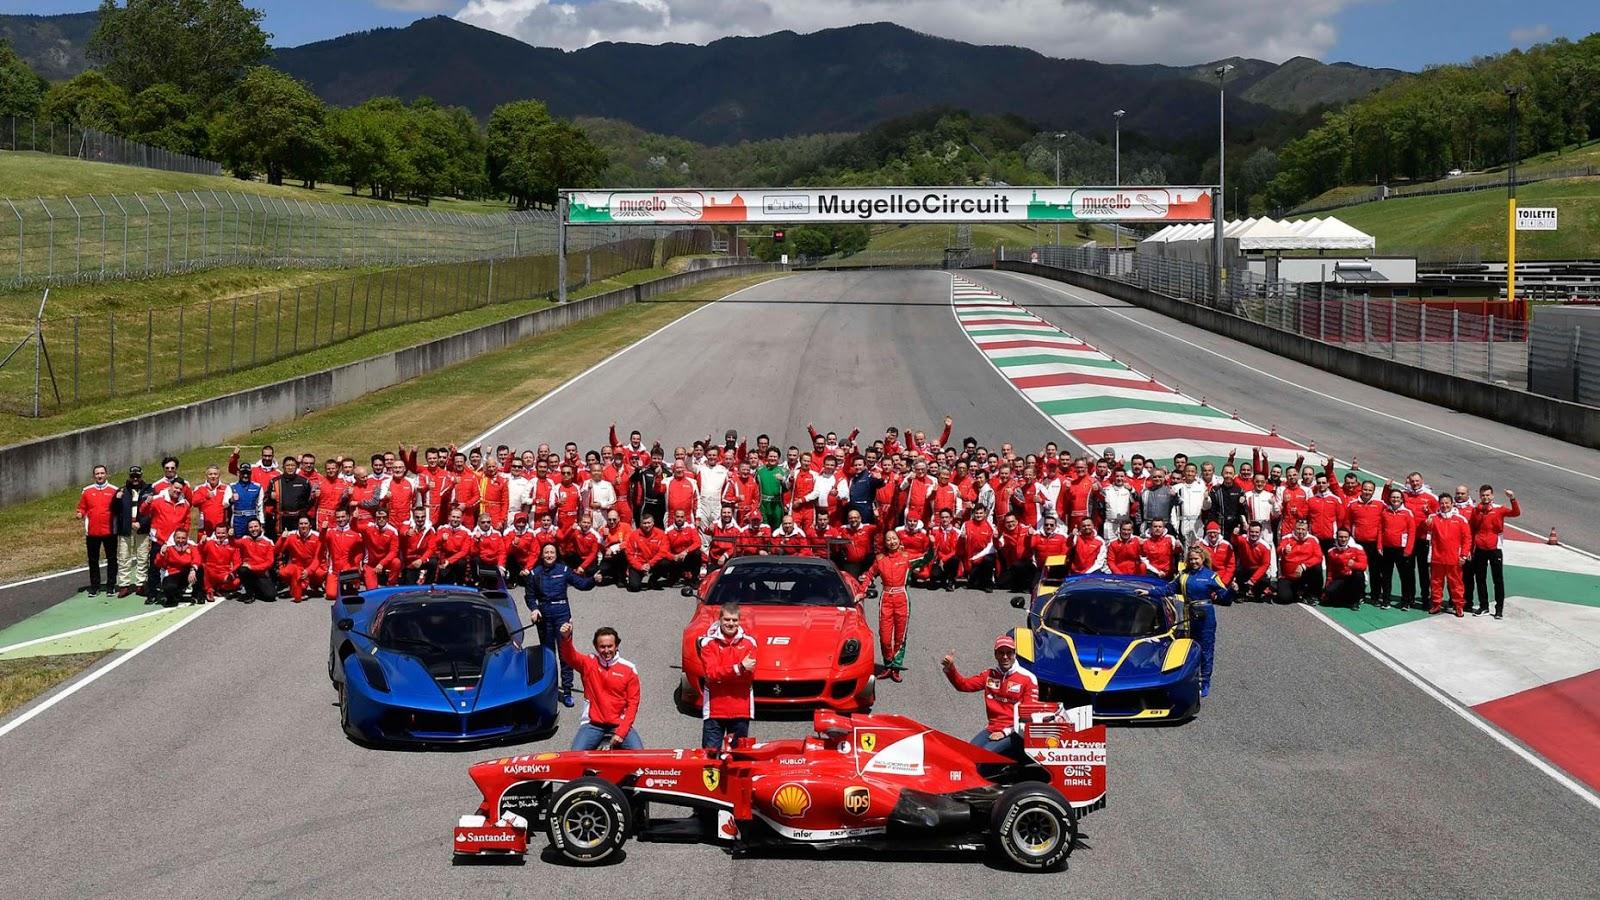 Rất nhiều chủ xe Ferrari ở Châu Âu đã đến tham dự Ferrari Corse Clienti